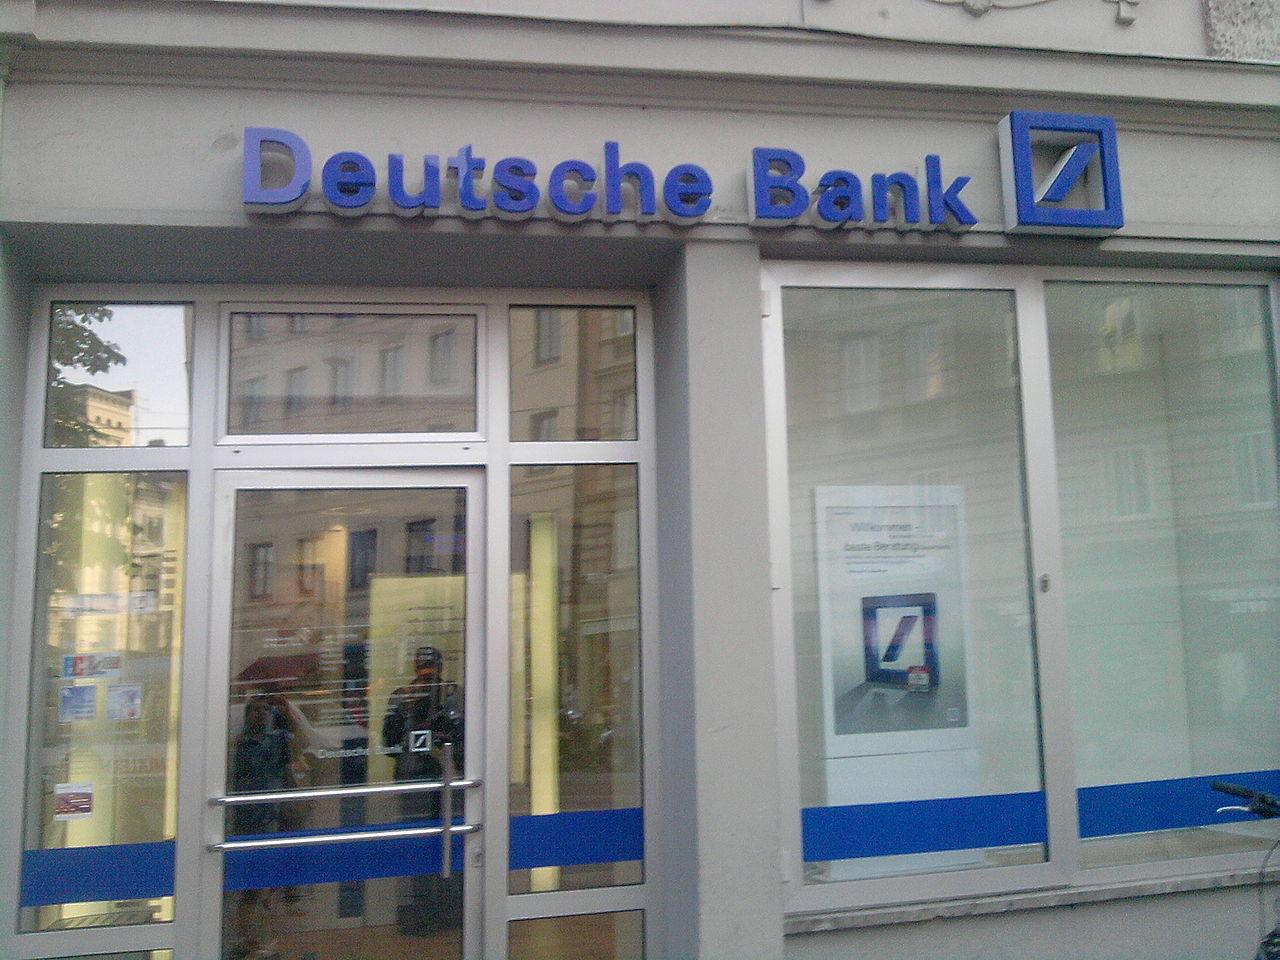 A Deutsche Bank retail branch in Munich. (Credit: Ich fahre hummer/Wikipedia.)